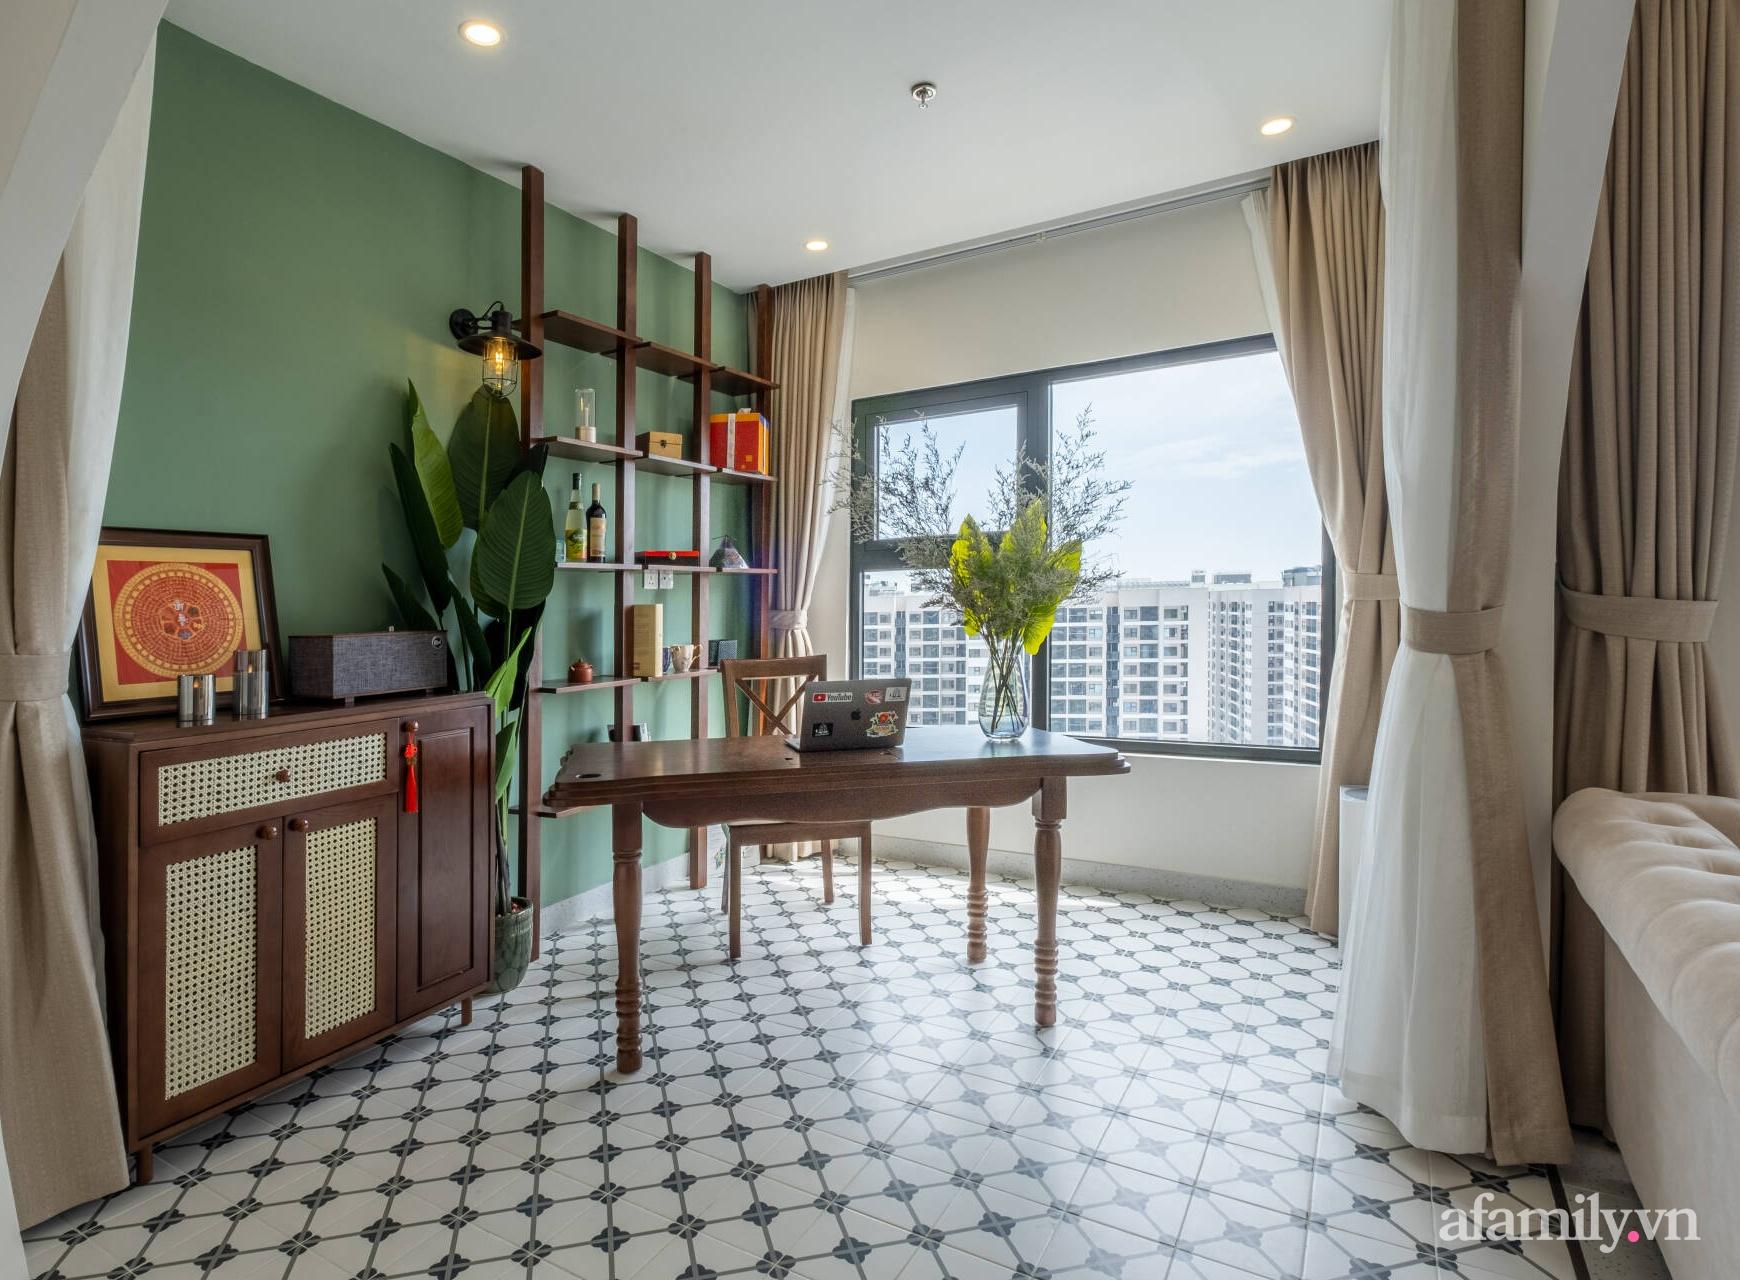 Căn hộ 3 phòng ngủ đẹp tinh tế với phong cách Indochine ở Vinhomes Ocean Park, Hà Nội - Ảnh 7.